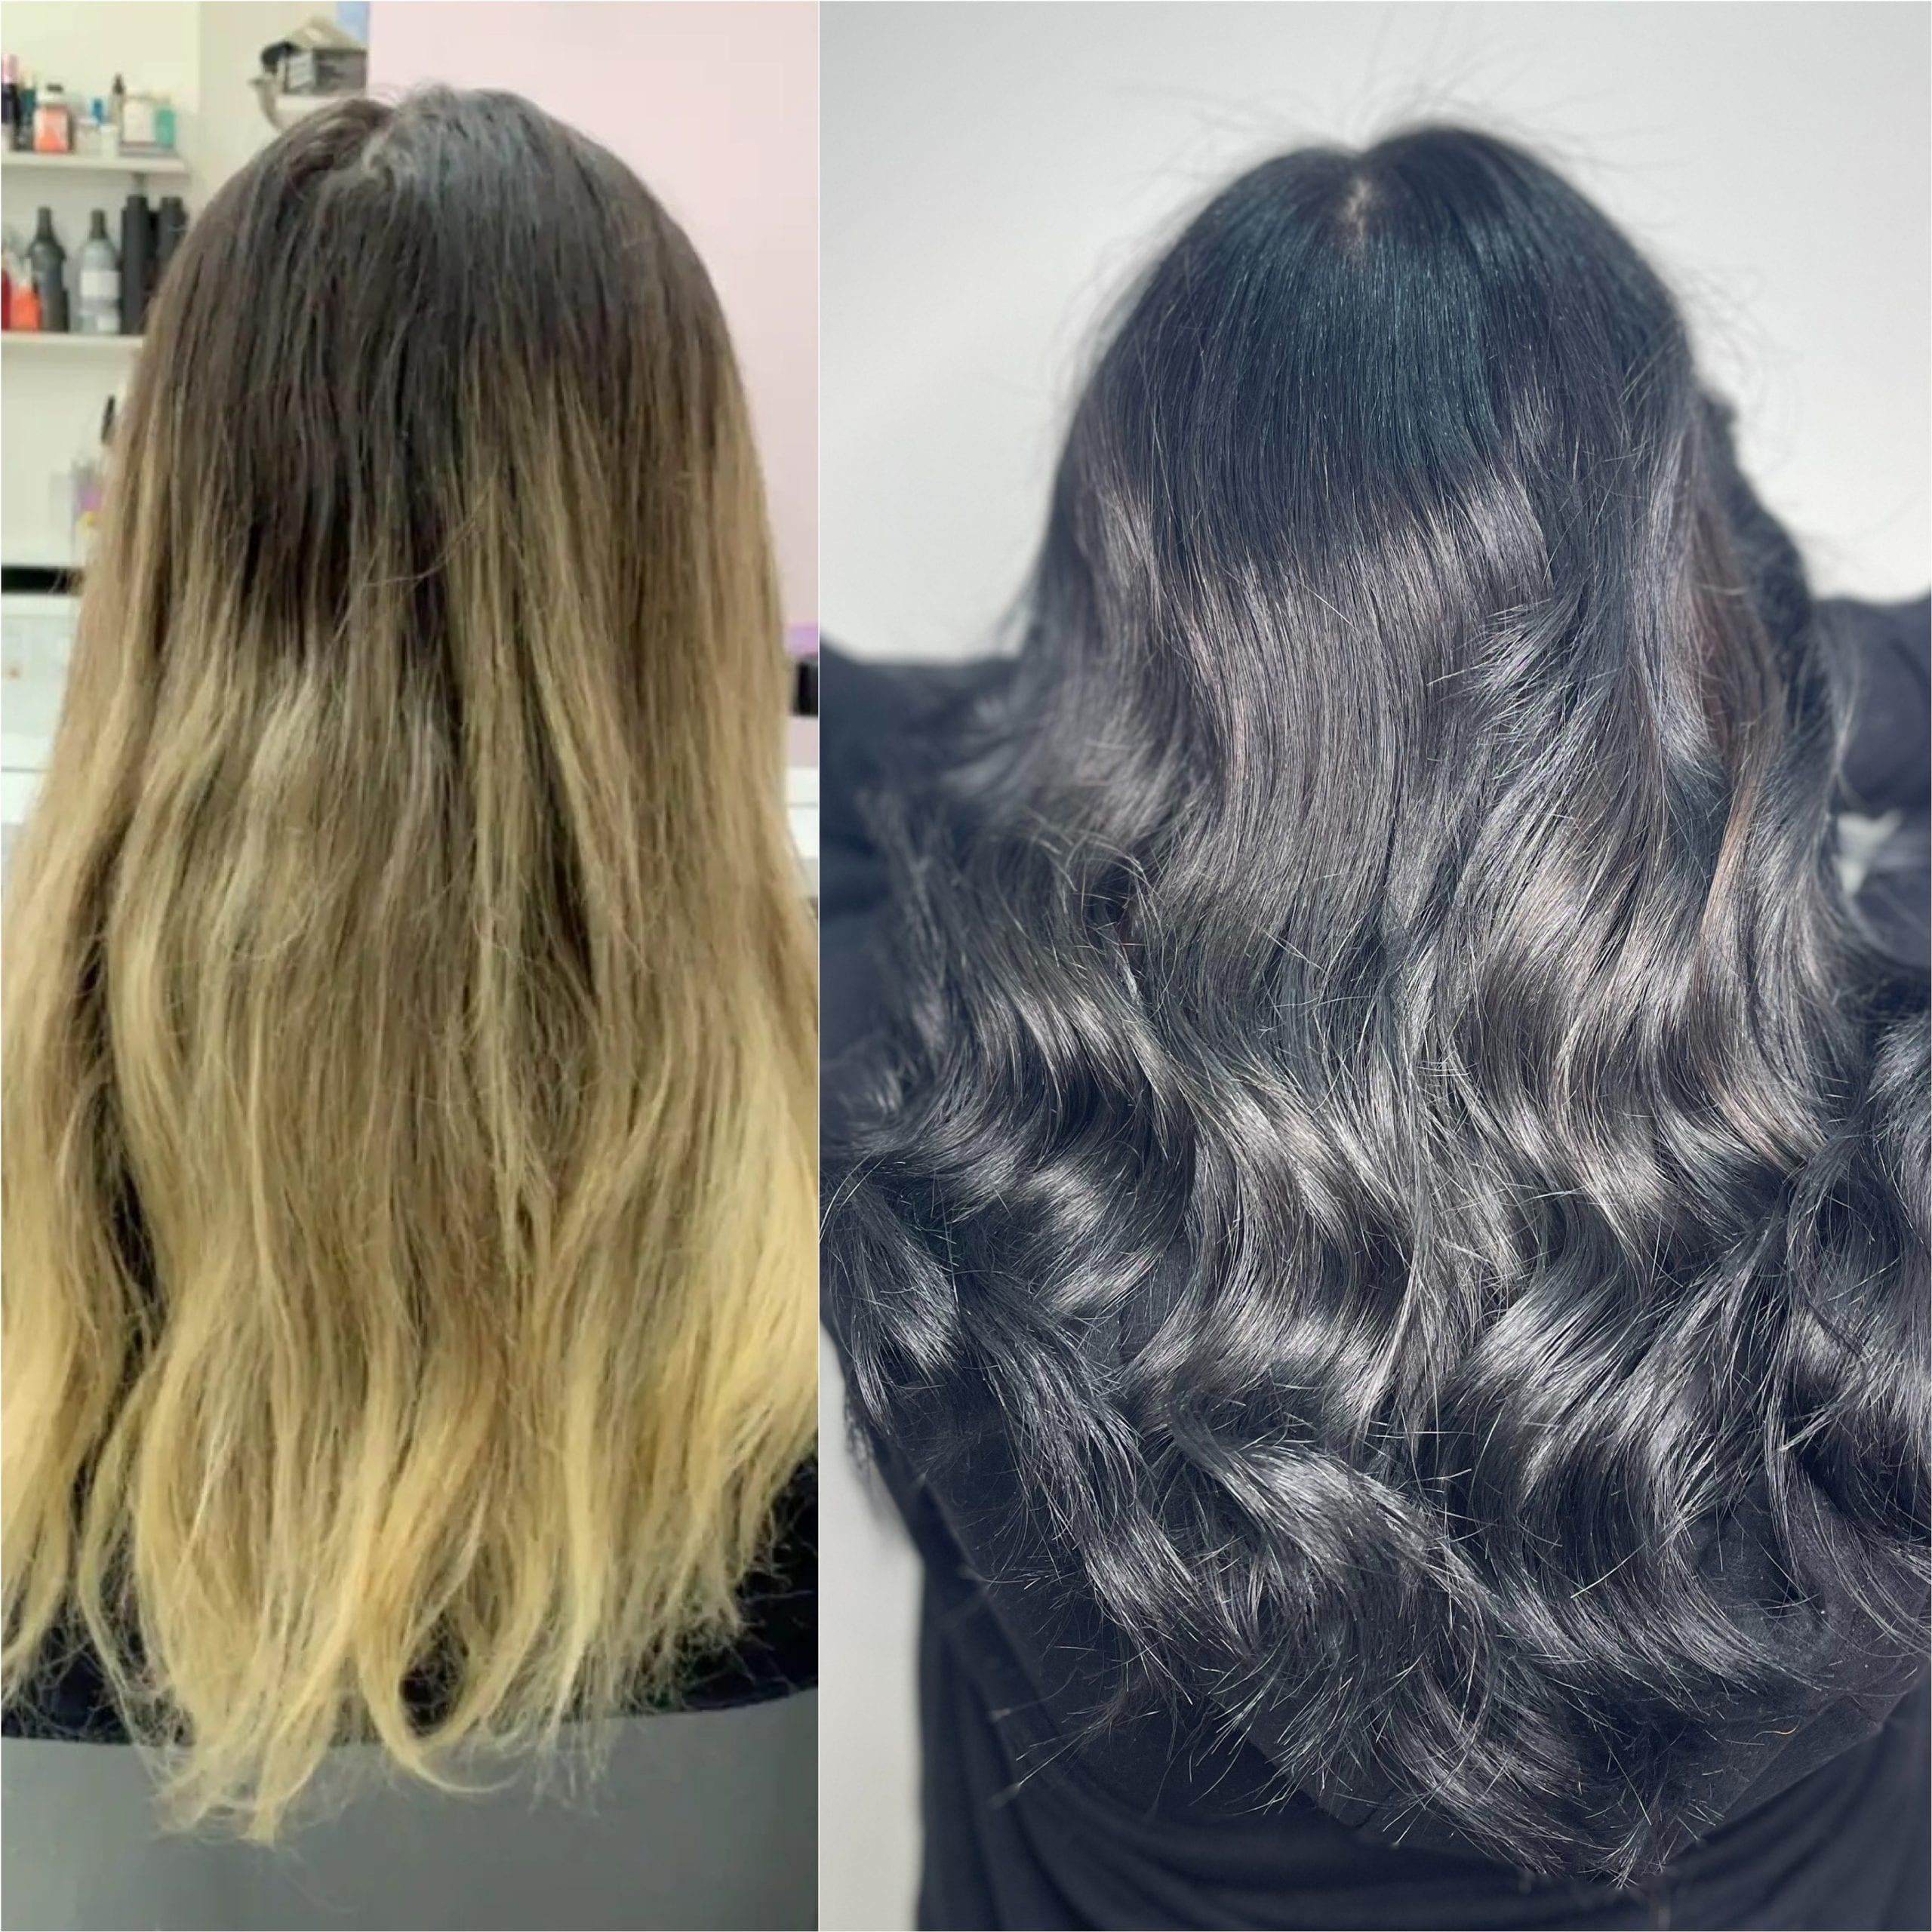 Coloration : Avant / Après